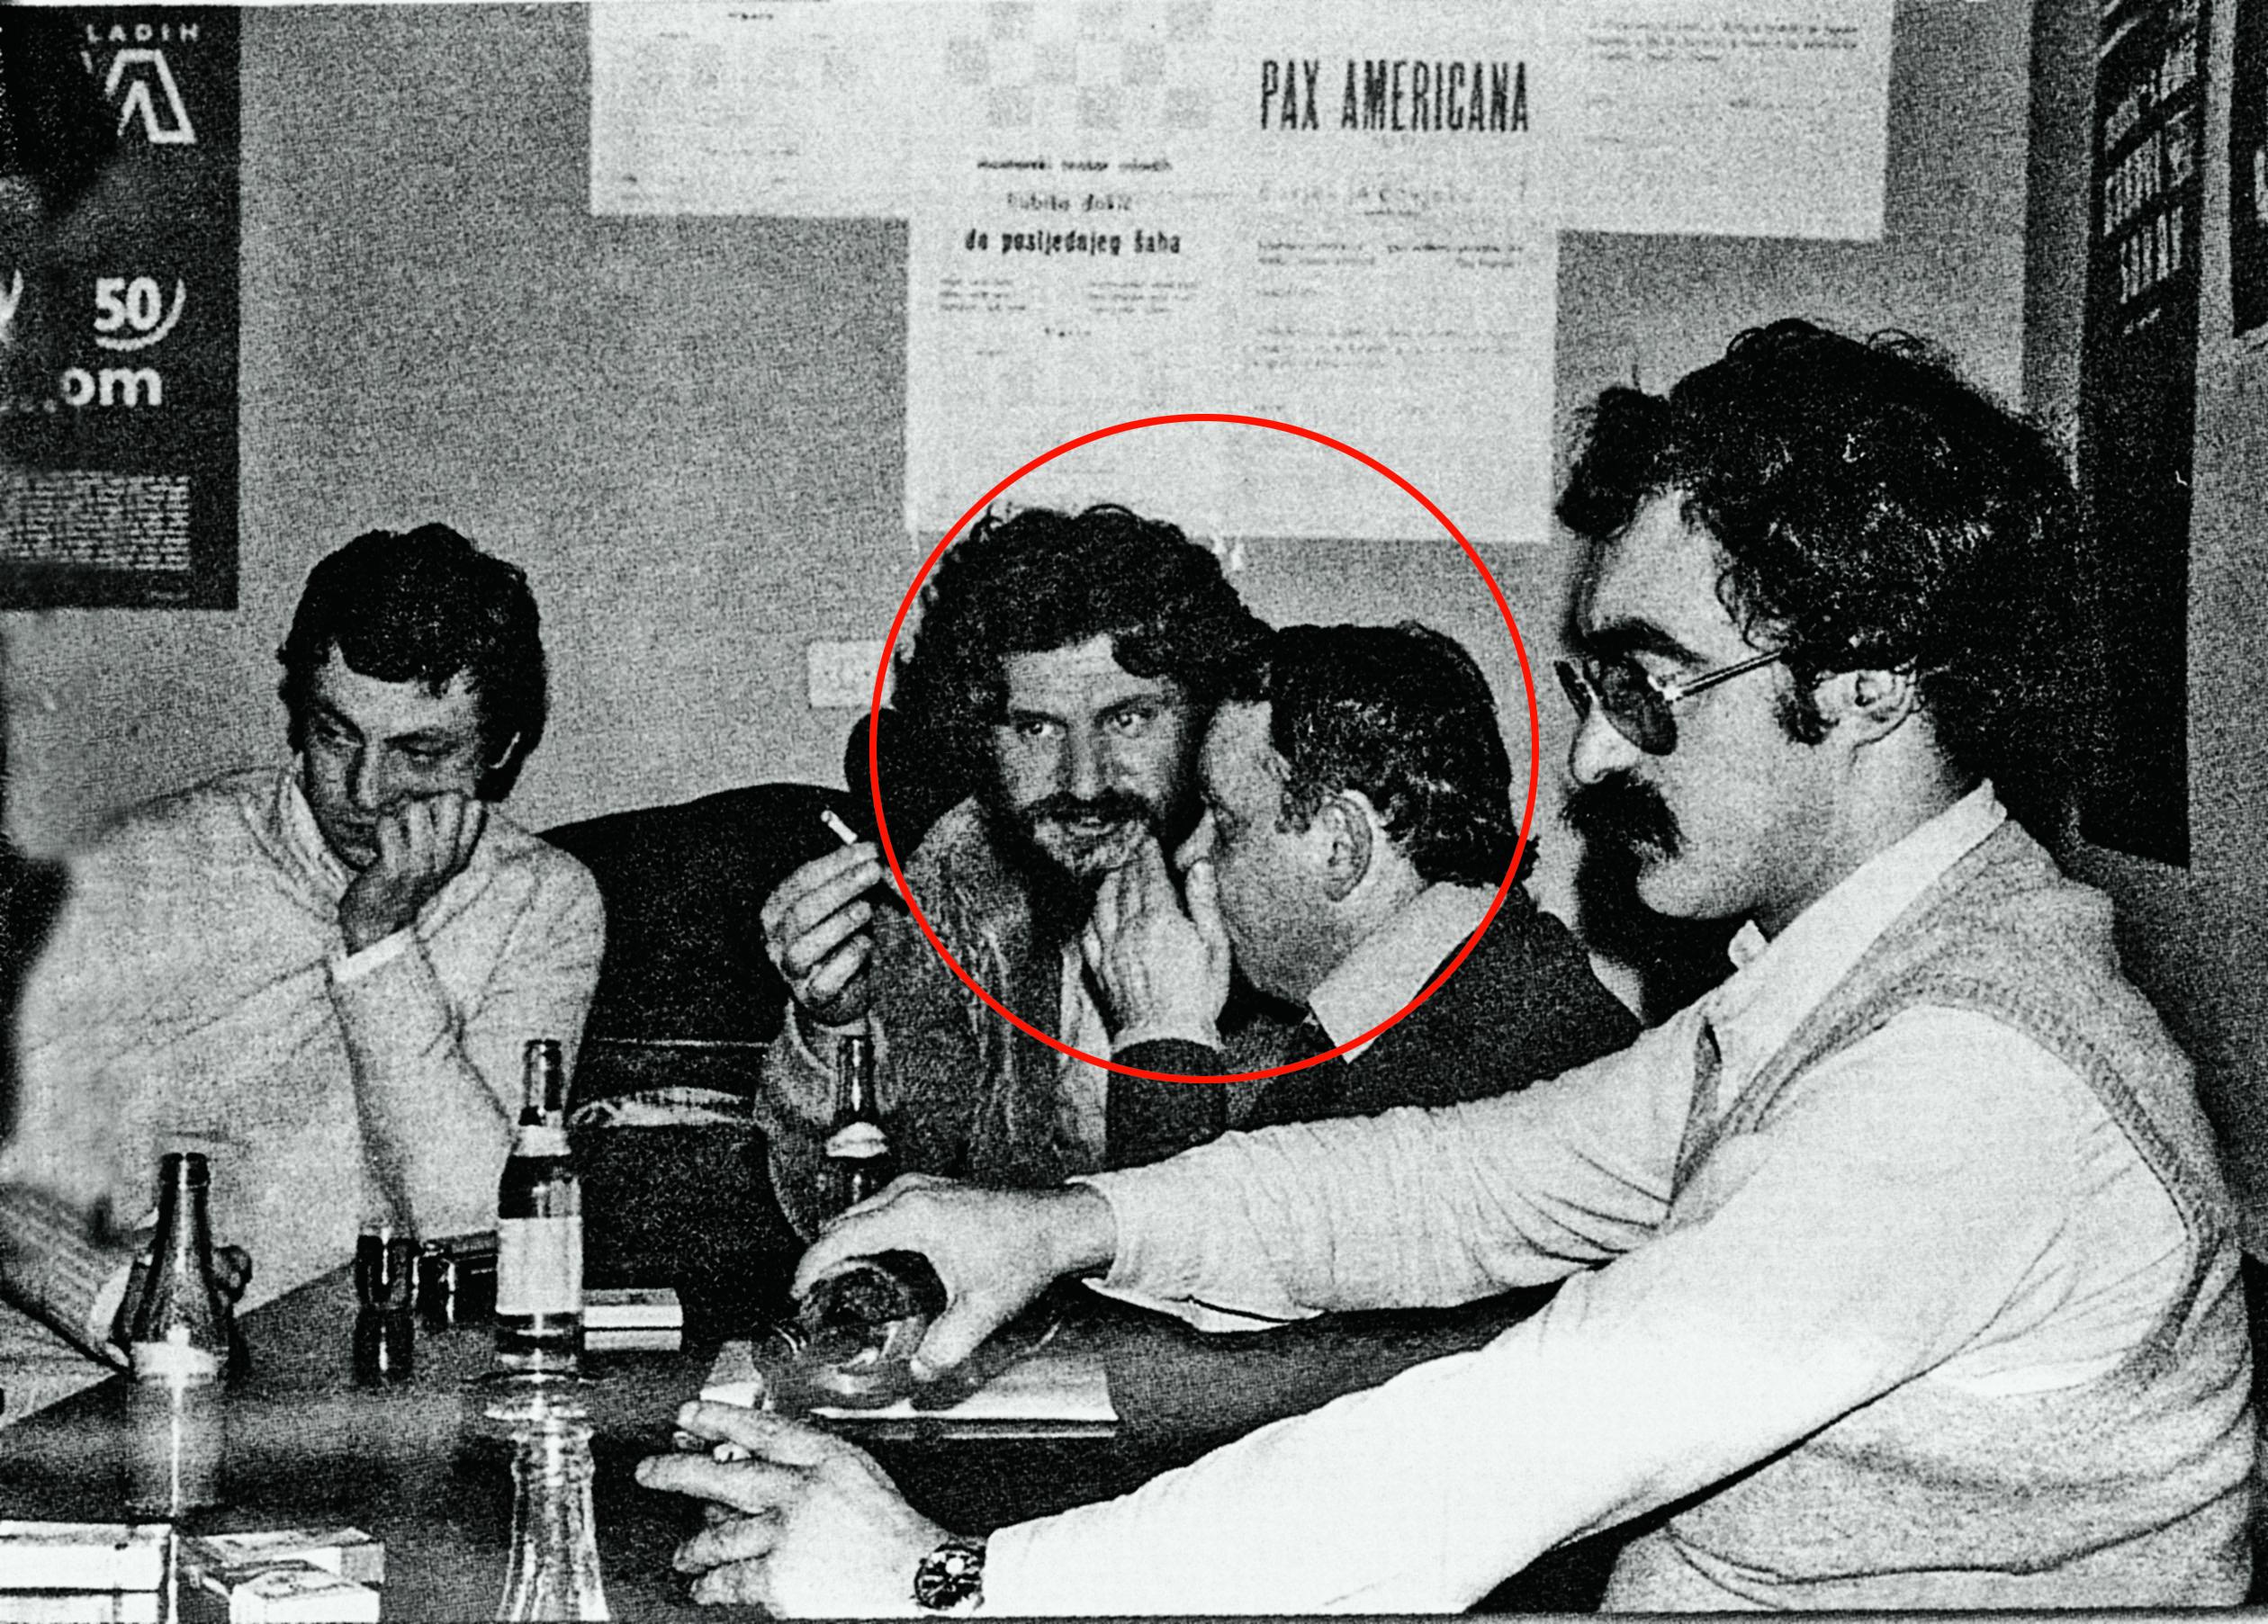 U krugu: Slobodan Praljak i Abdulah Sidran, desno pokraj njih Goran Babić, snimljeni 70-ih godina prošlog stoljeća